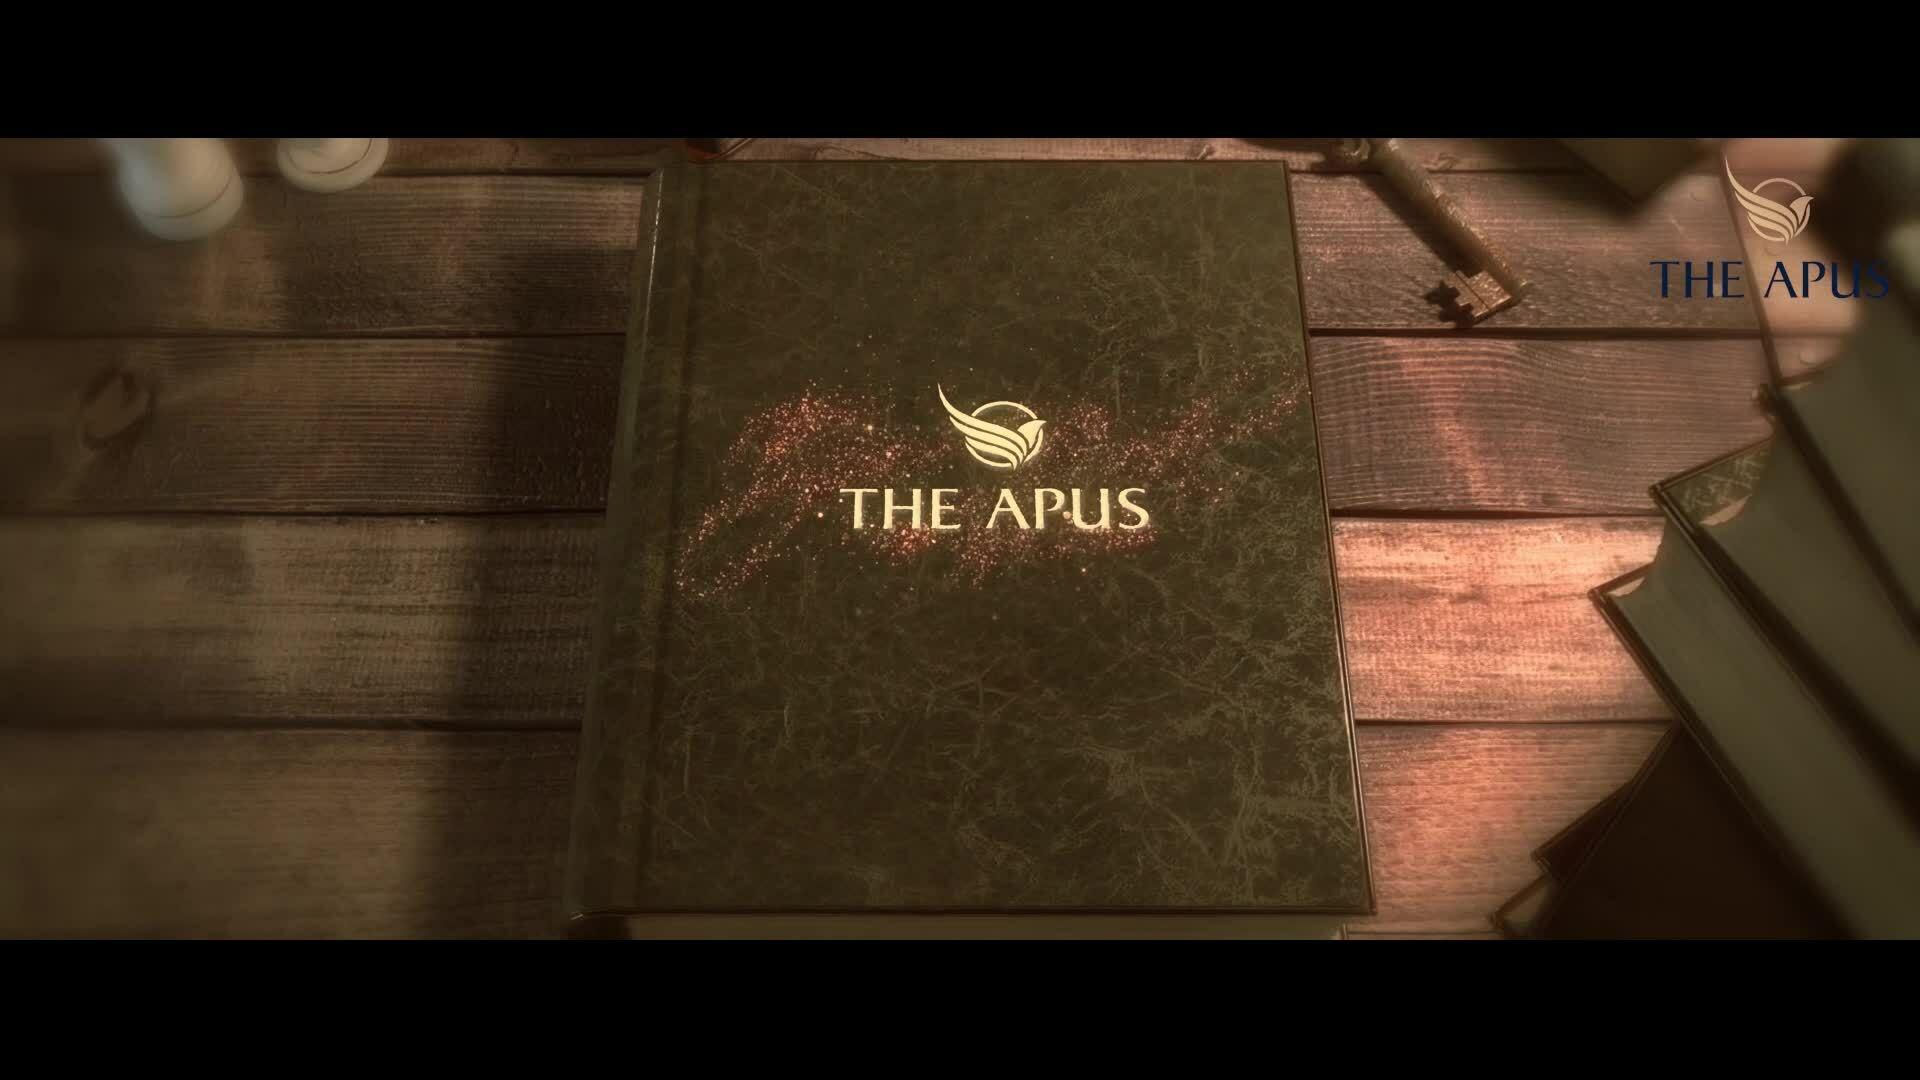 The Apus bổ sung nguồn cung bất động sản nghỉ dưỡng Vũng Tàu